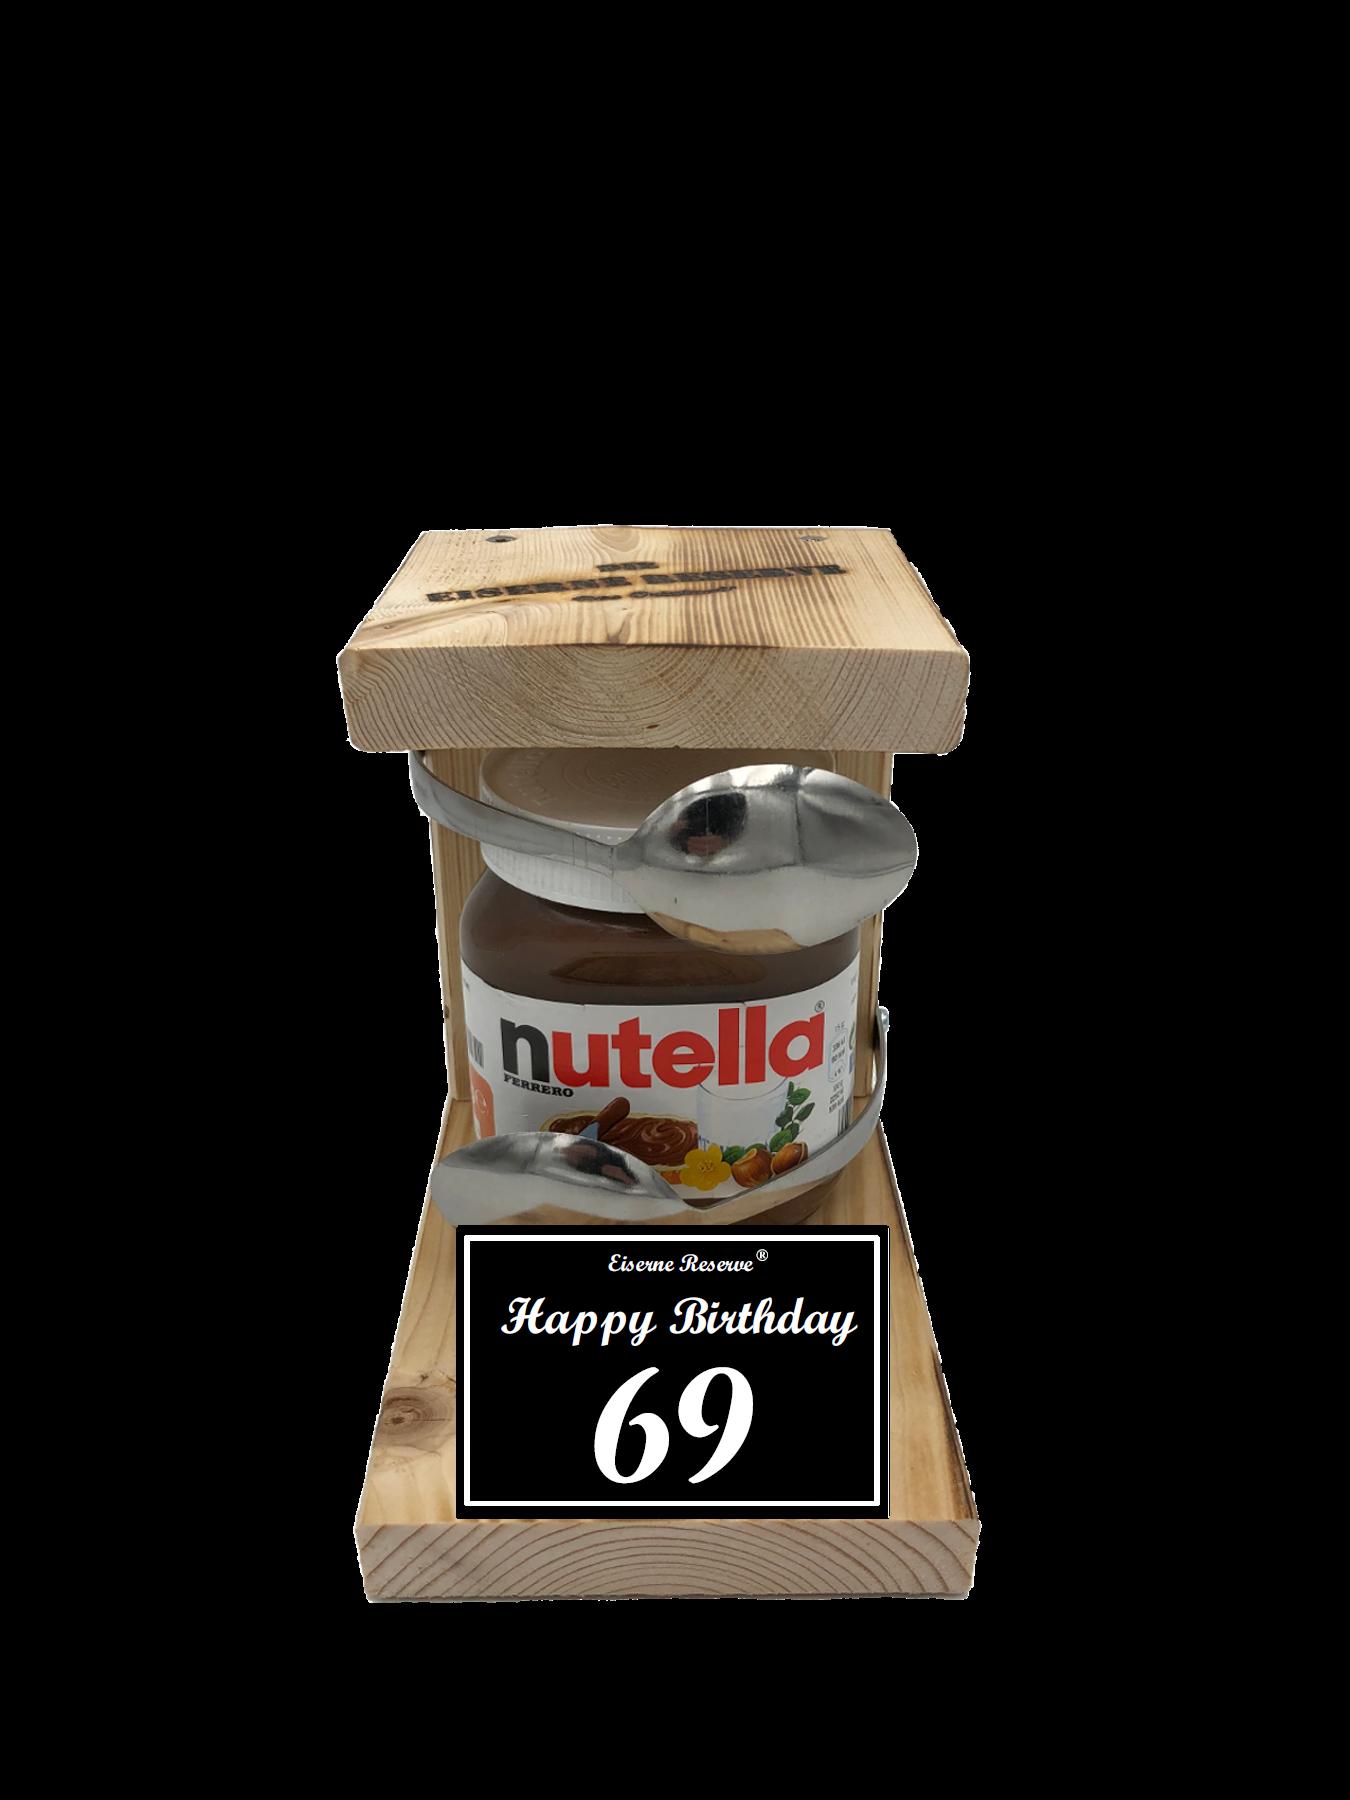 69 Happy Birthday Löffel Nutella Geschenk - Die Nutella Geschenkidee